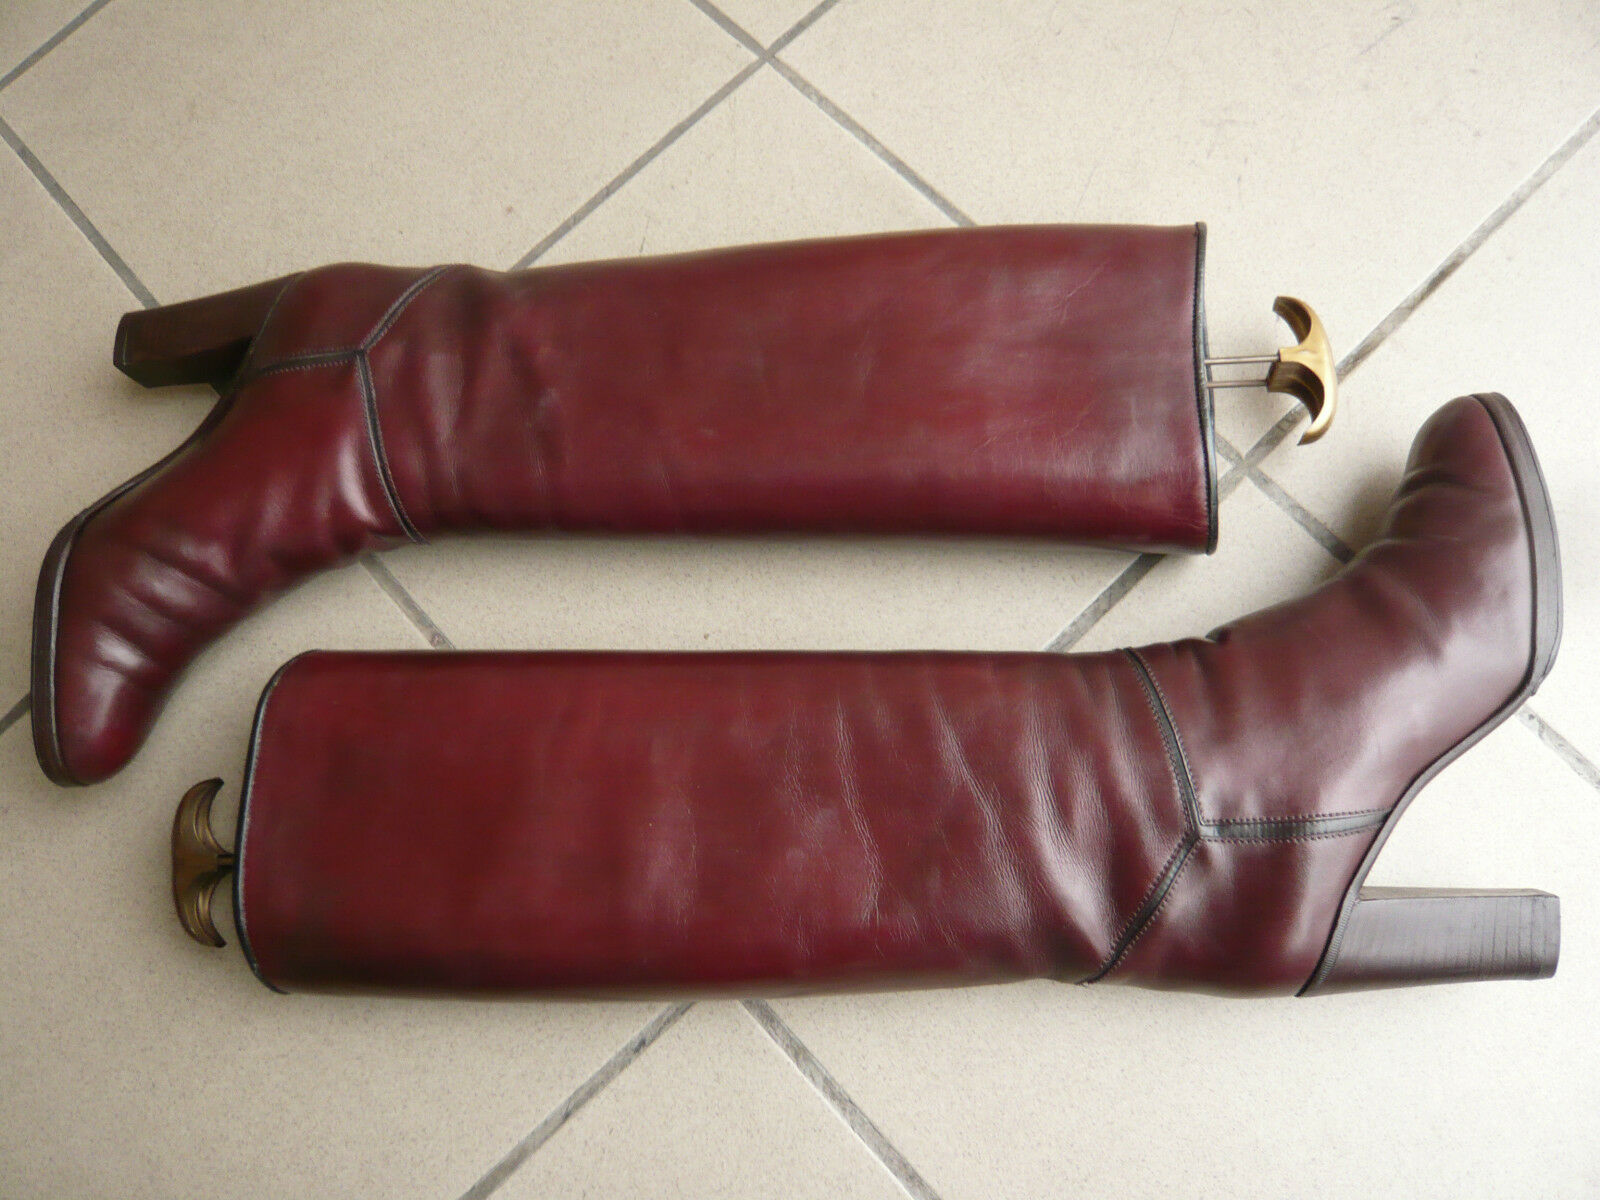 Bottes    vintage   1982  -    MANFIELD  par  KELIAN     -   (Bordeaux)    -  39,5 596293